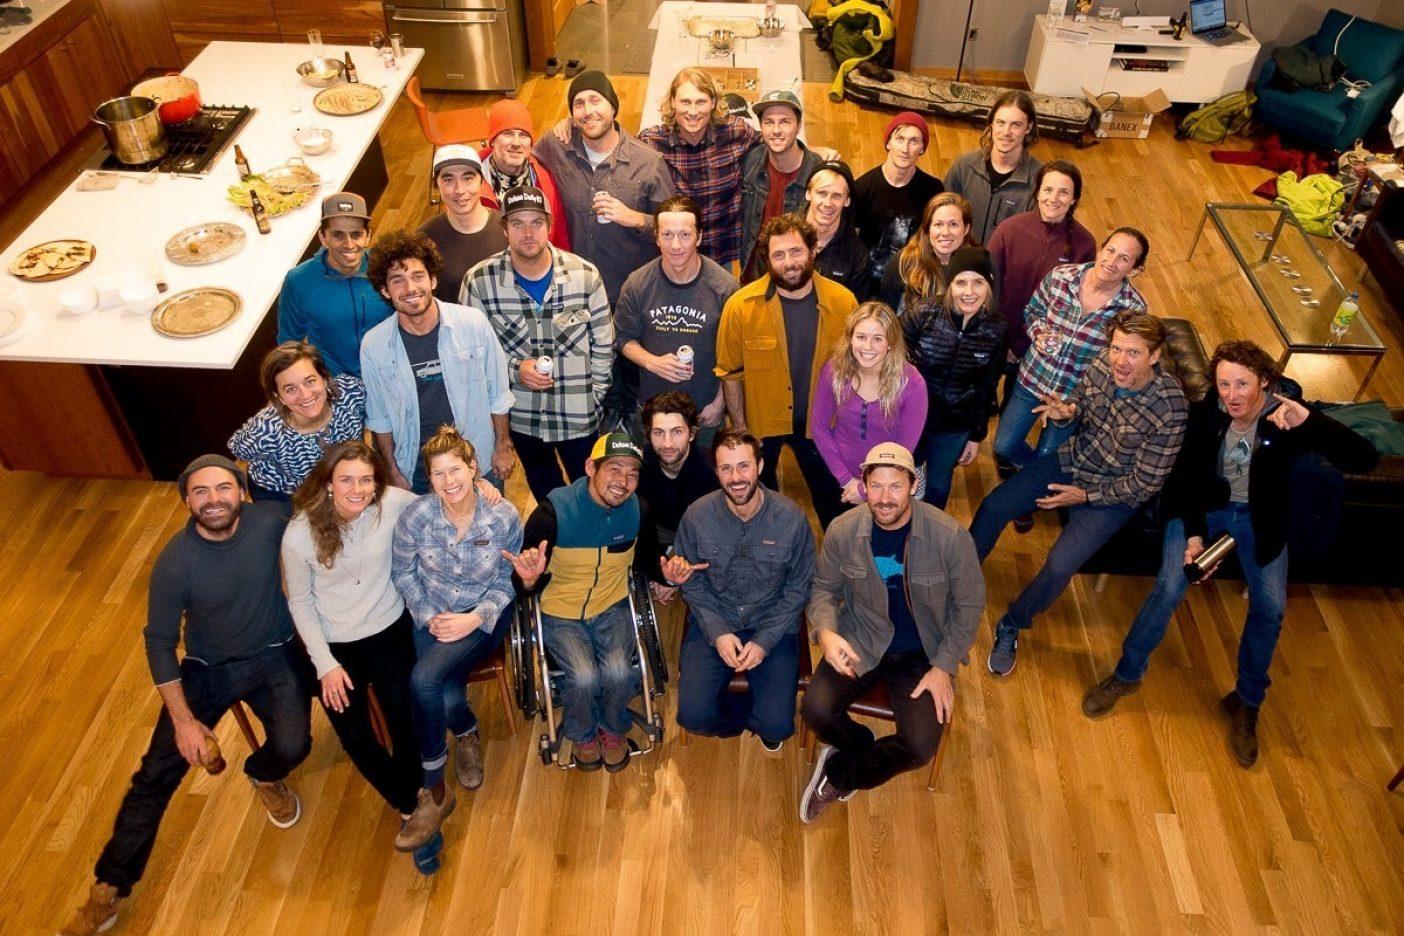 ダービーのアフターパーティーはアメリカのパタゴニア・クルーたちと。スノー・アンバサダーたちも勢ぞろいし、楽しい時間を過ごせた。うまい酒と飯を食べながら、新しいモデルのミーティングもできた。 Photo: Andrew Miller